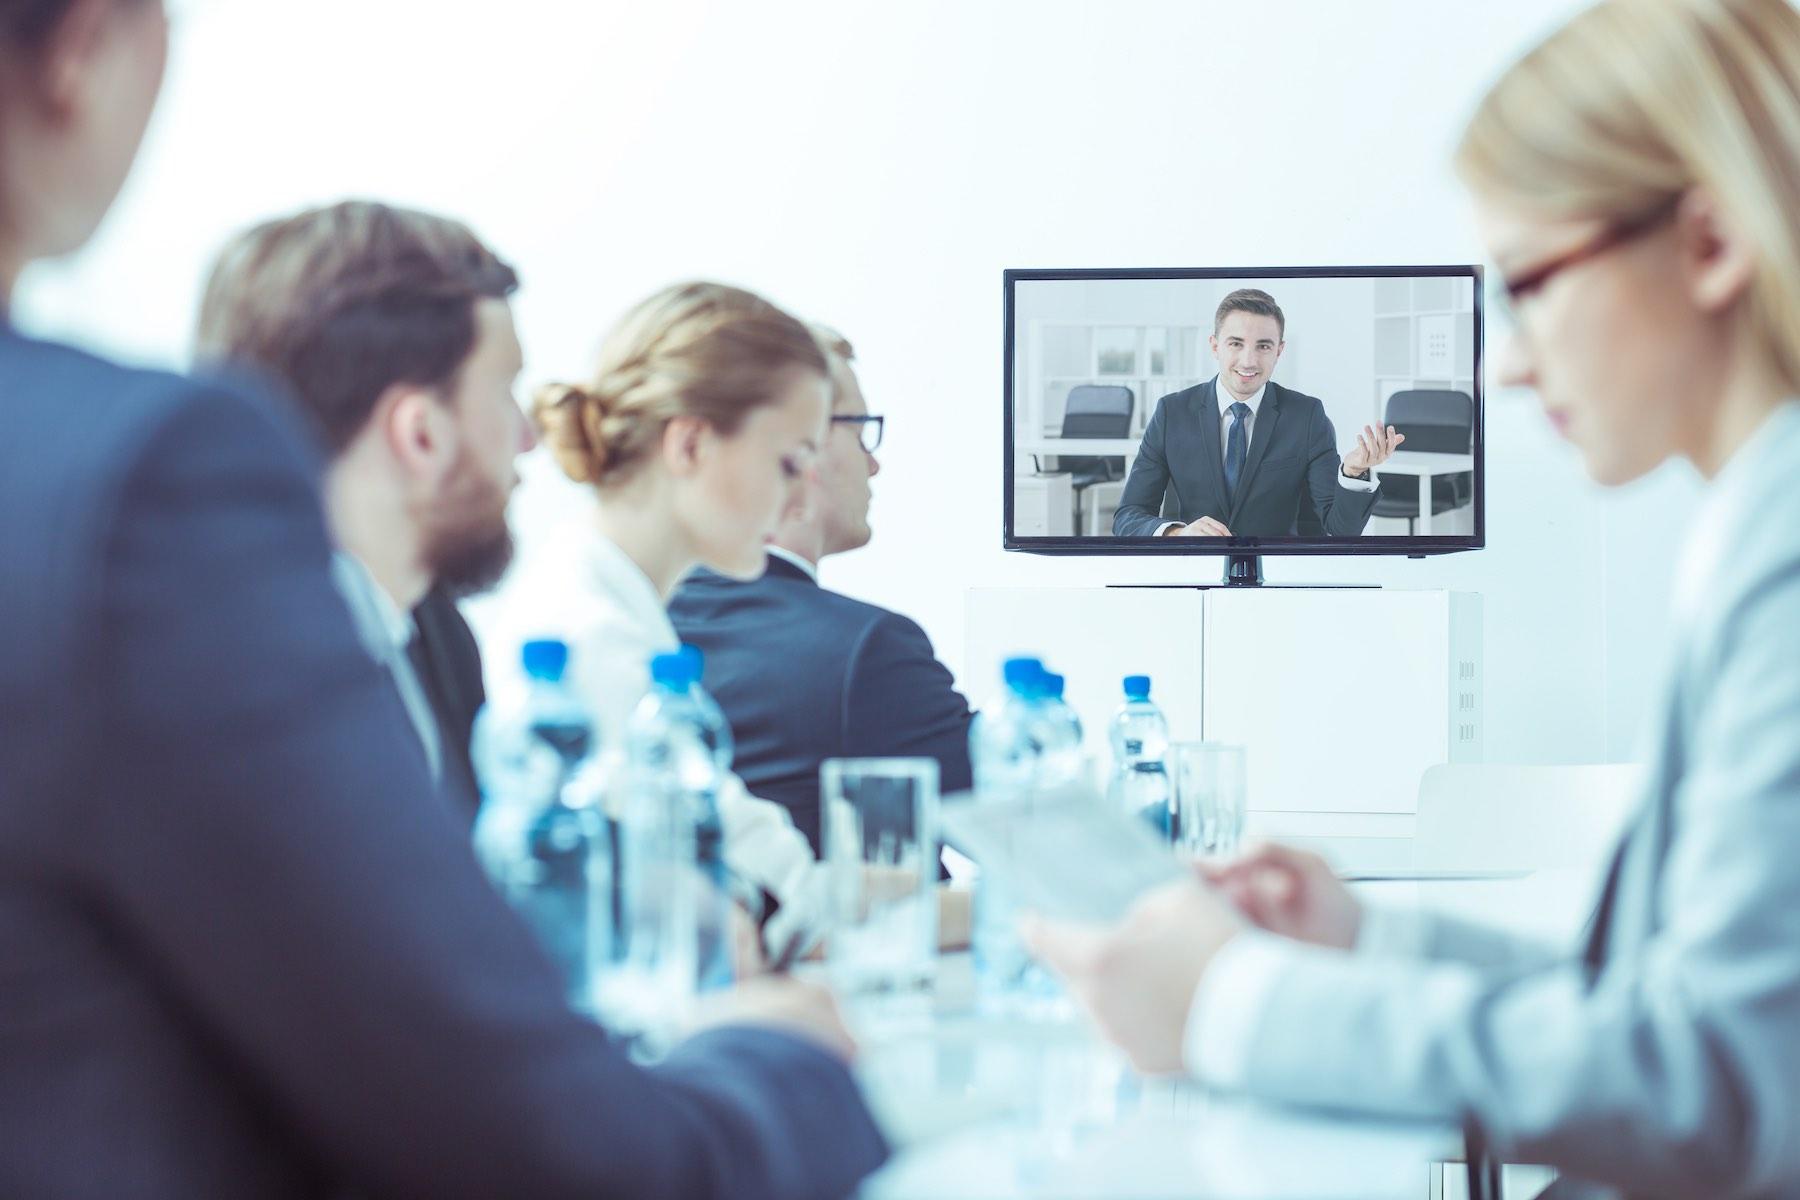 conferenca Videokonferenzen